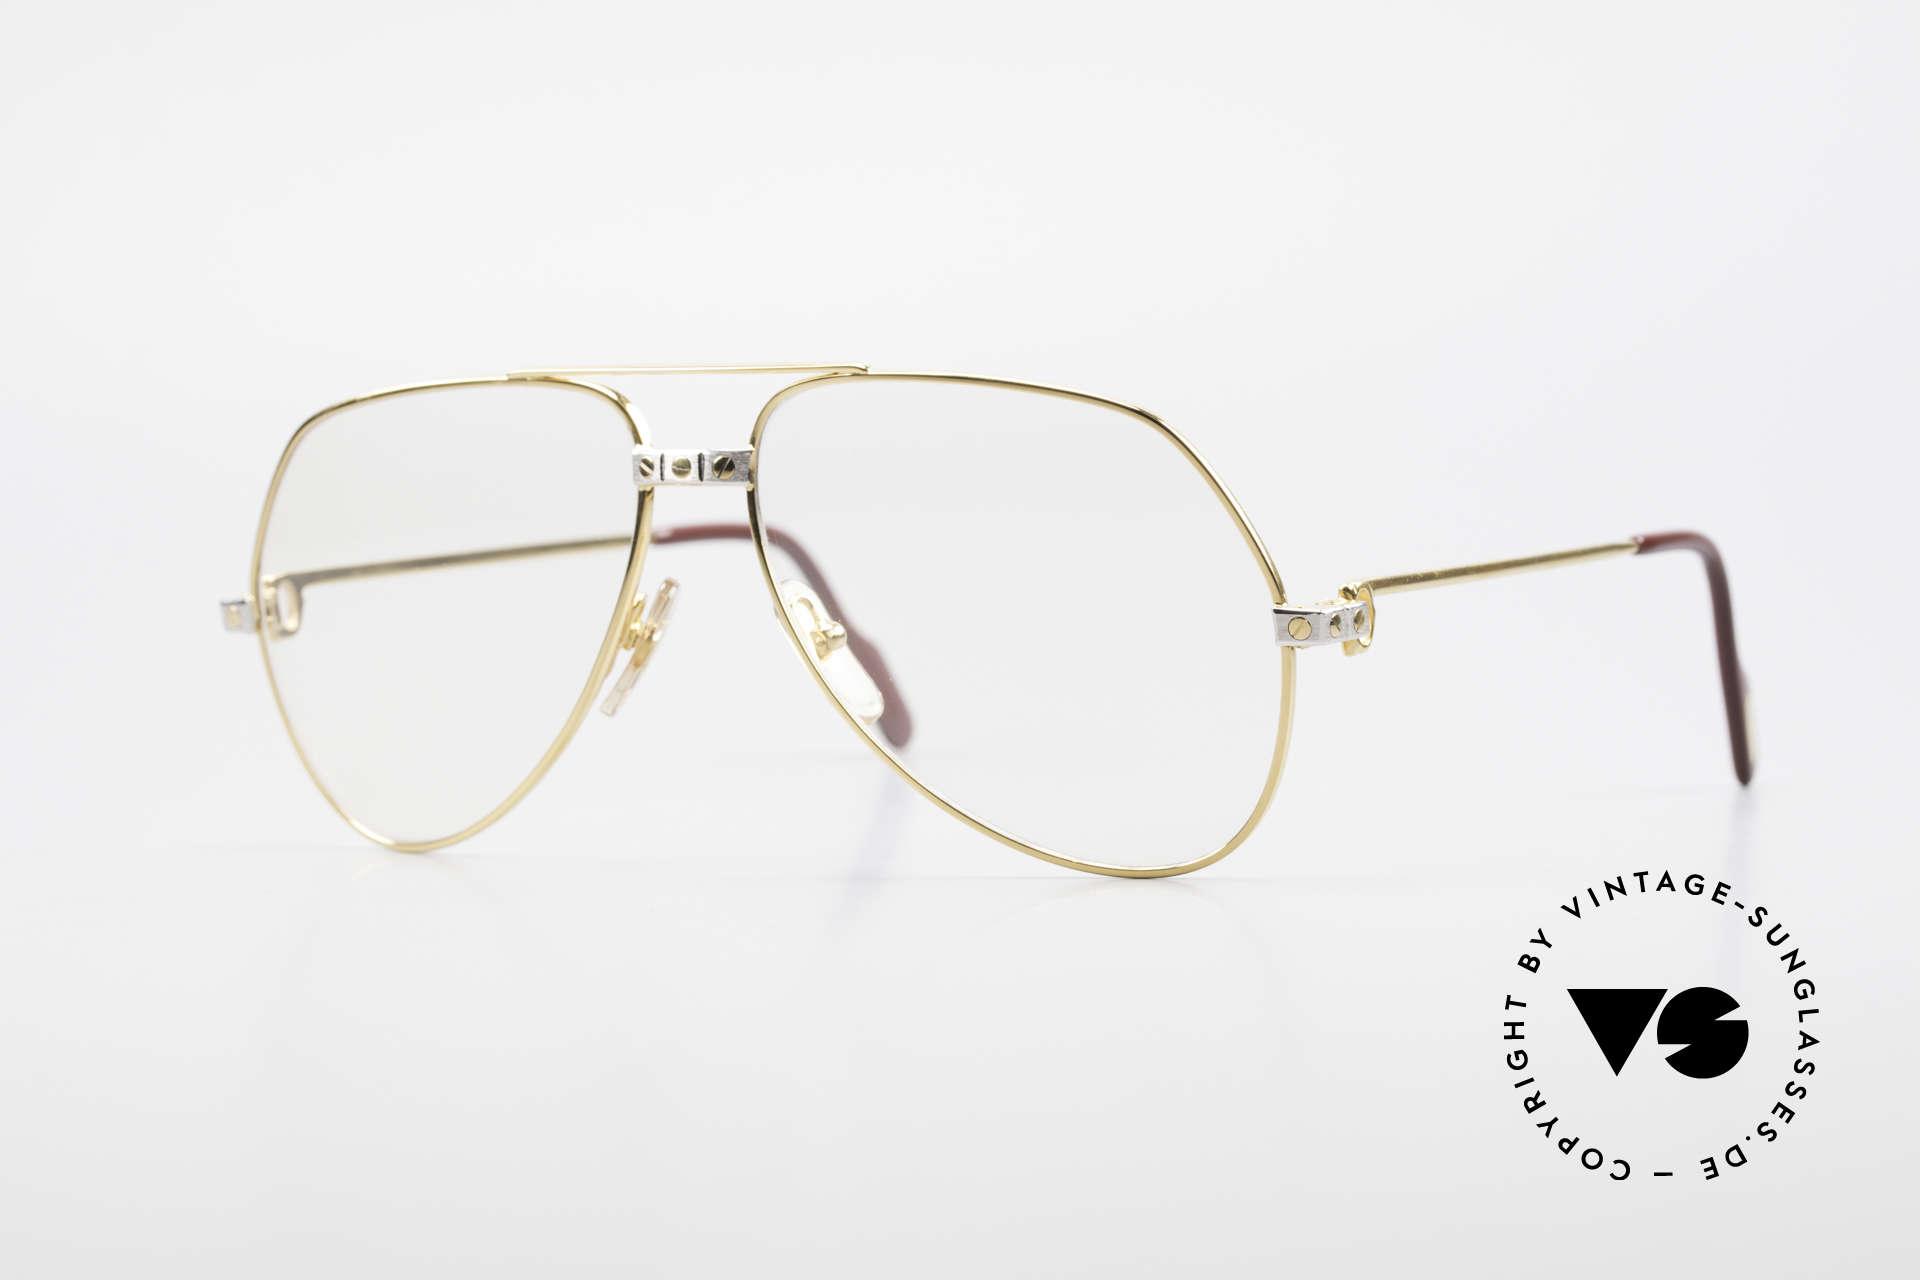 Cartier Vendome Santos - M Changeable Cartier Lenses, Vendome = the most famous eyewear design by CARTIER, Made for Men